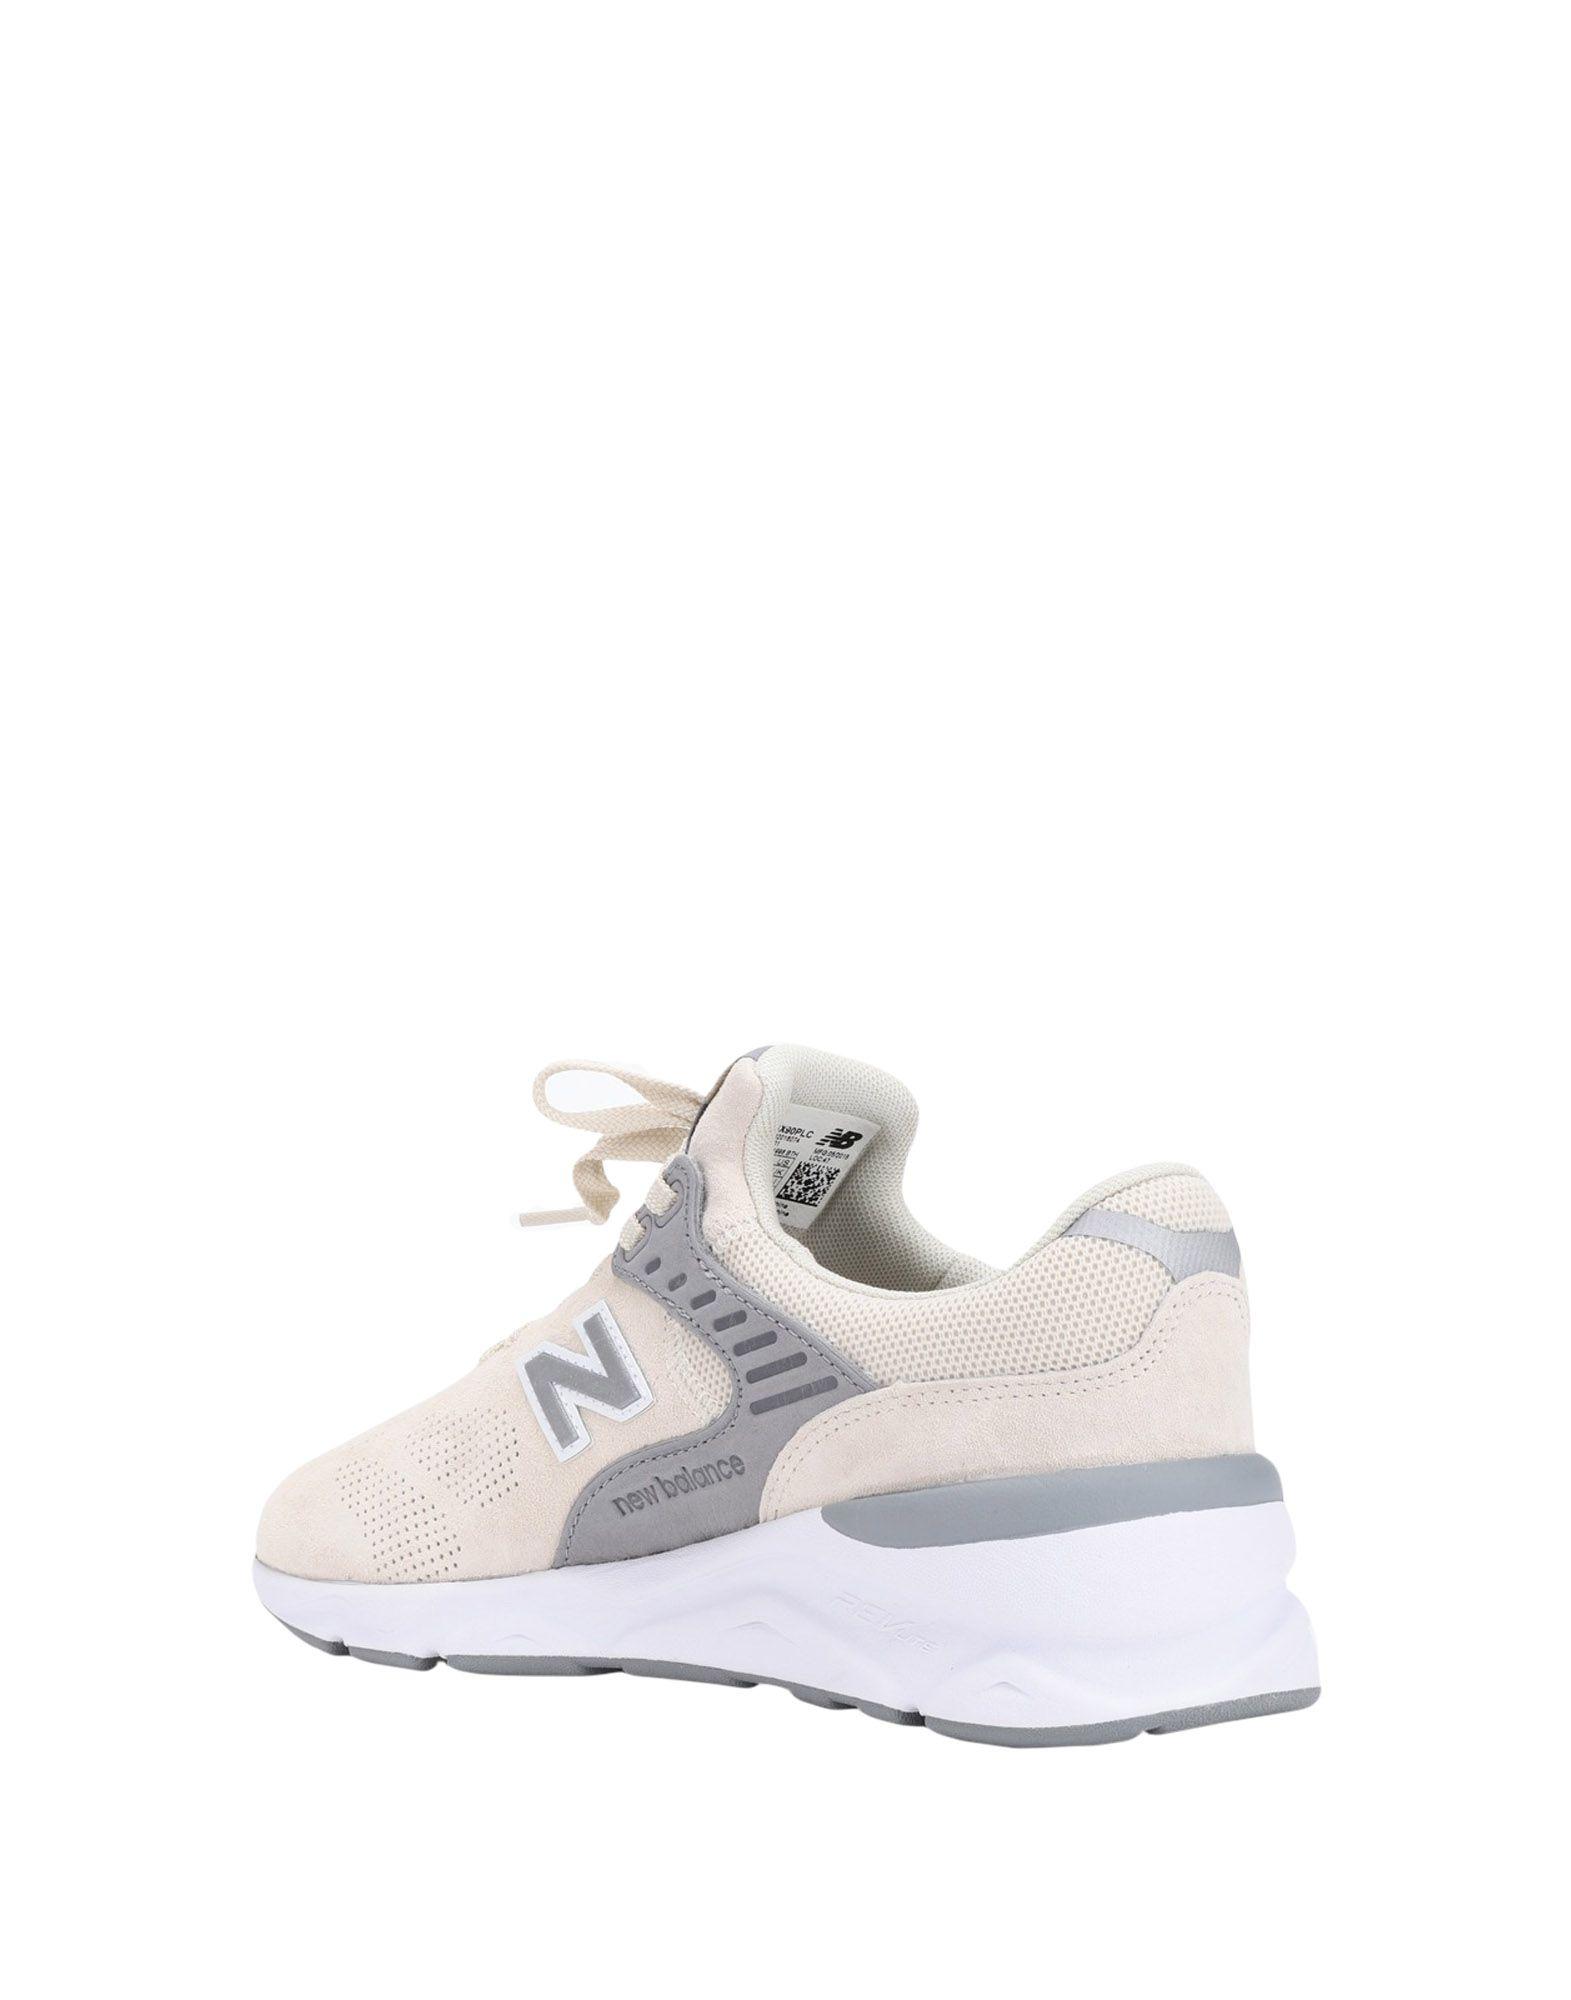 New Balance Sneakers - Women Women Women New Balance Sneakers online on  United Kingdom - 11567753EX b9feb9